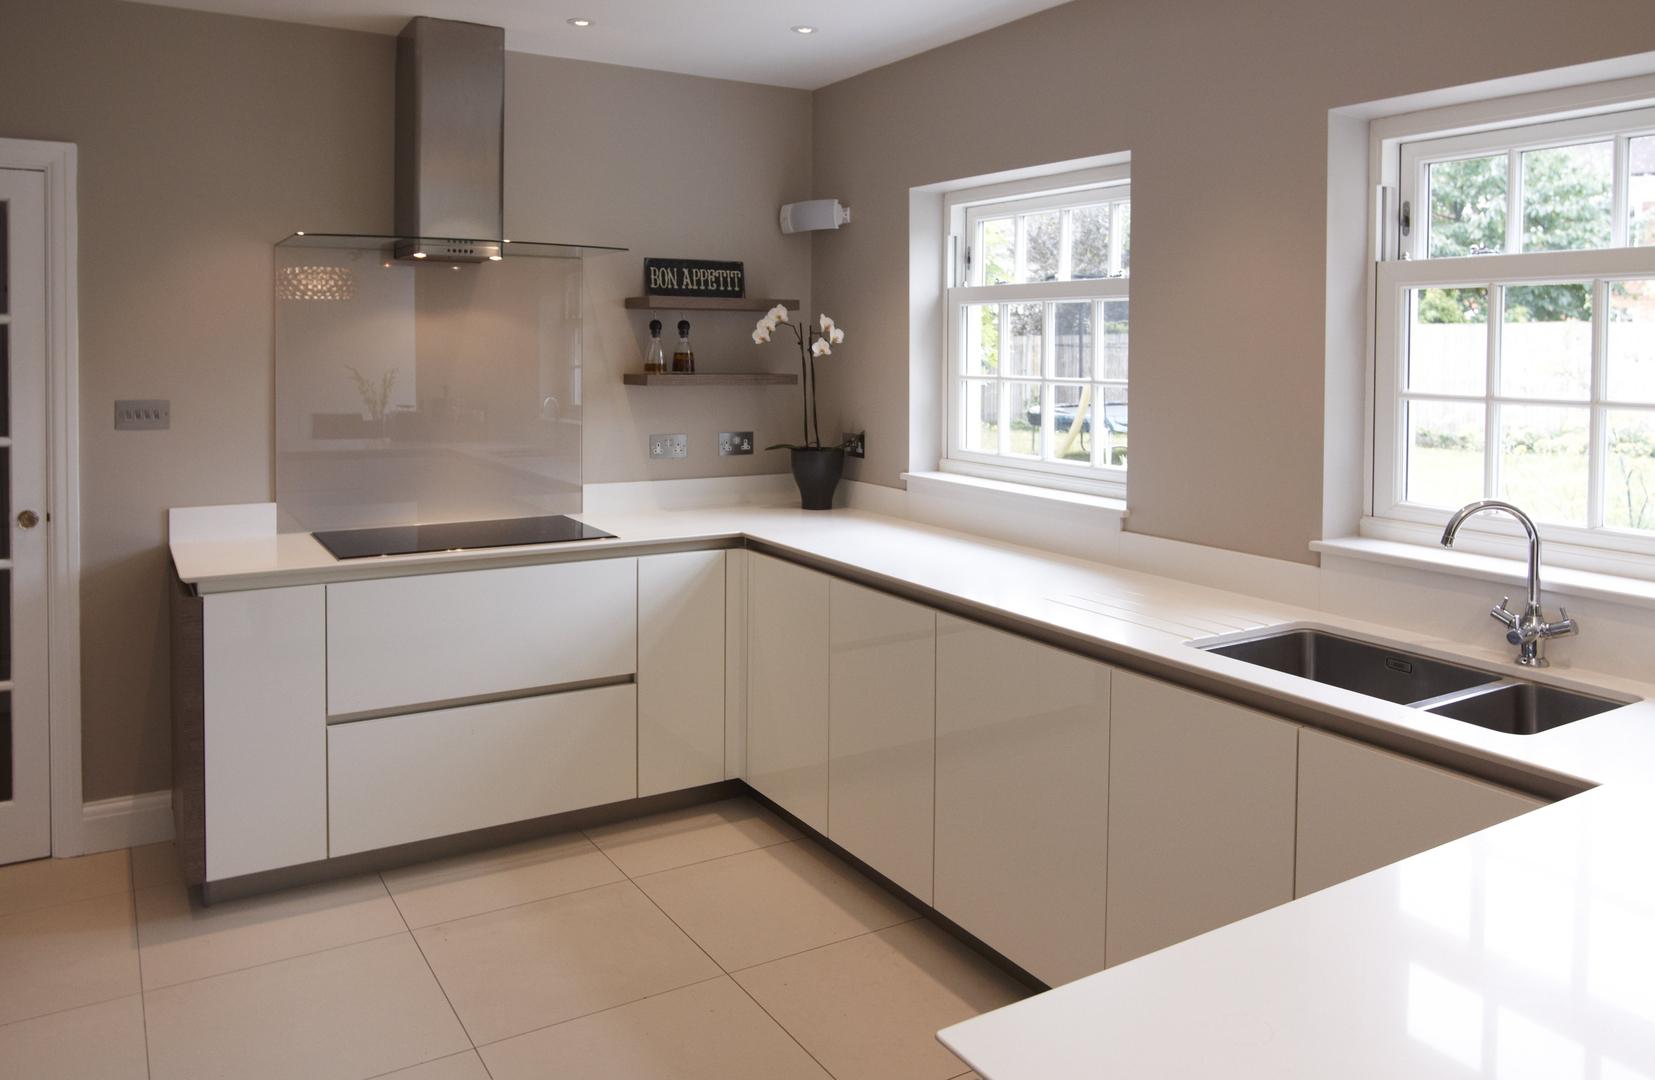 Белая глянцевая кухня с напольными шкафчиками